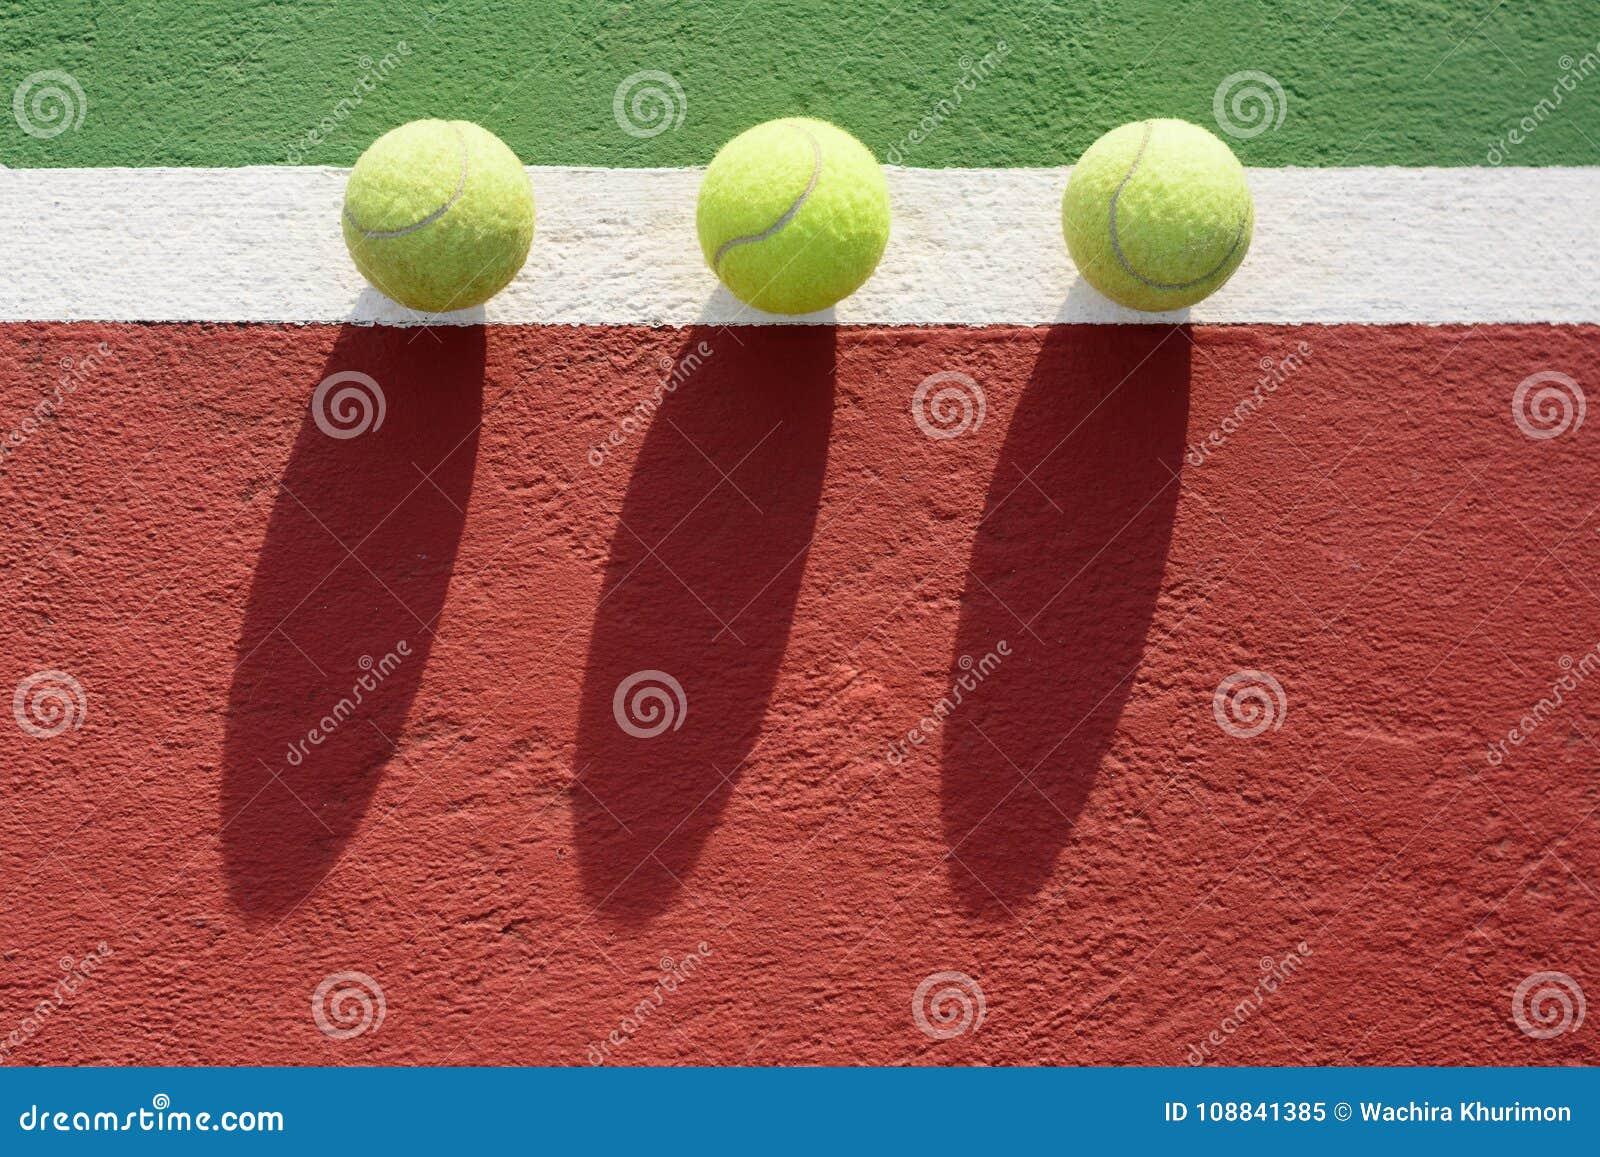 Billes de tennis sur la cour